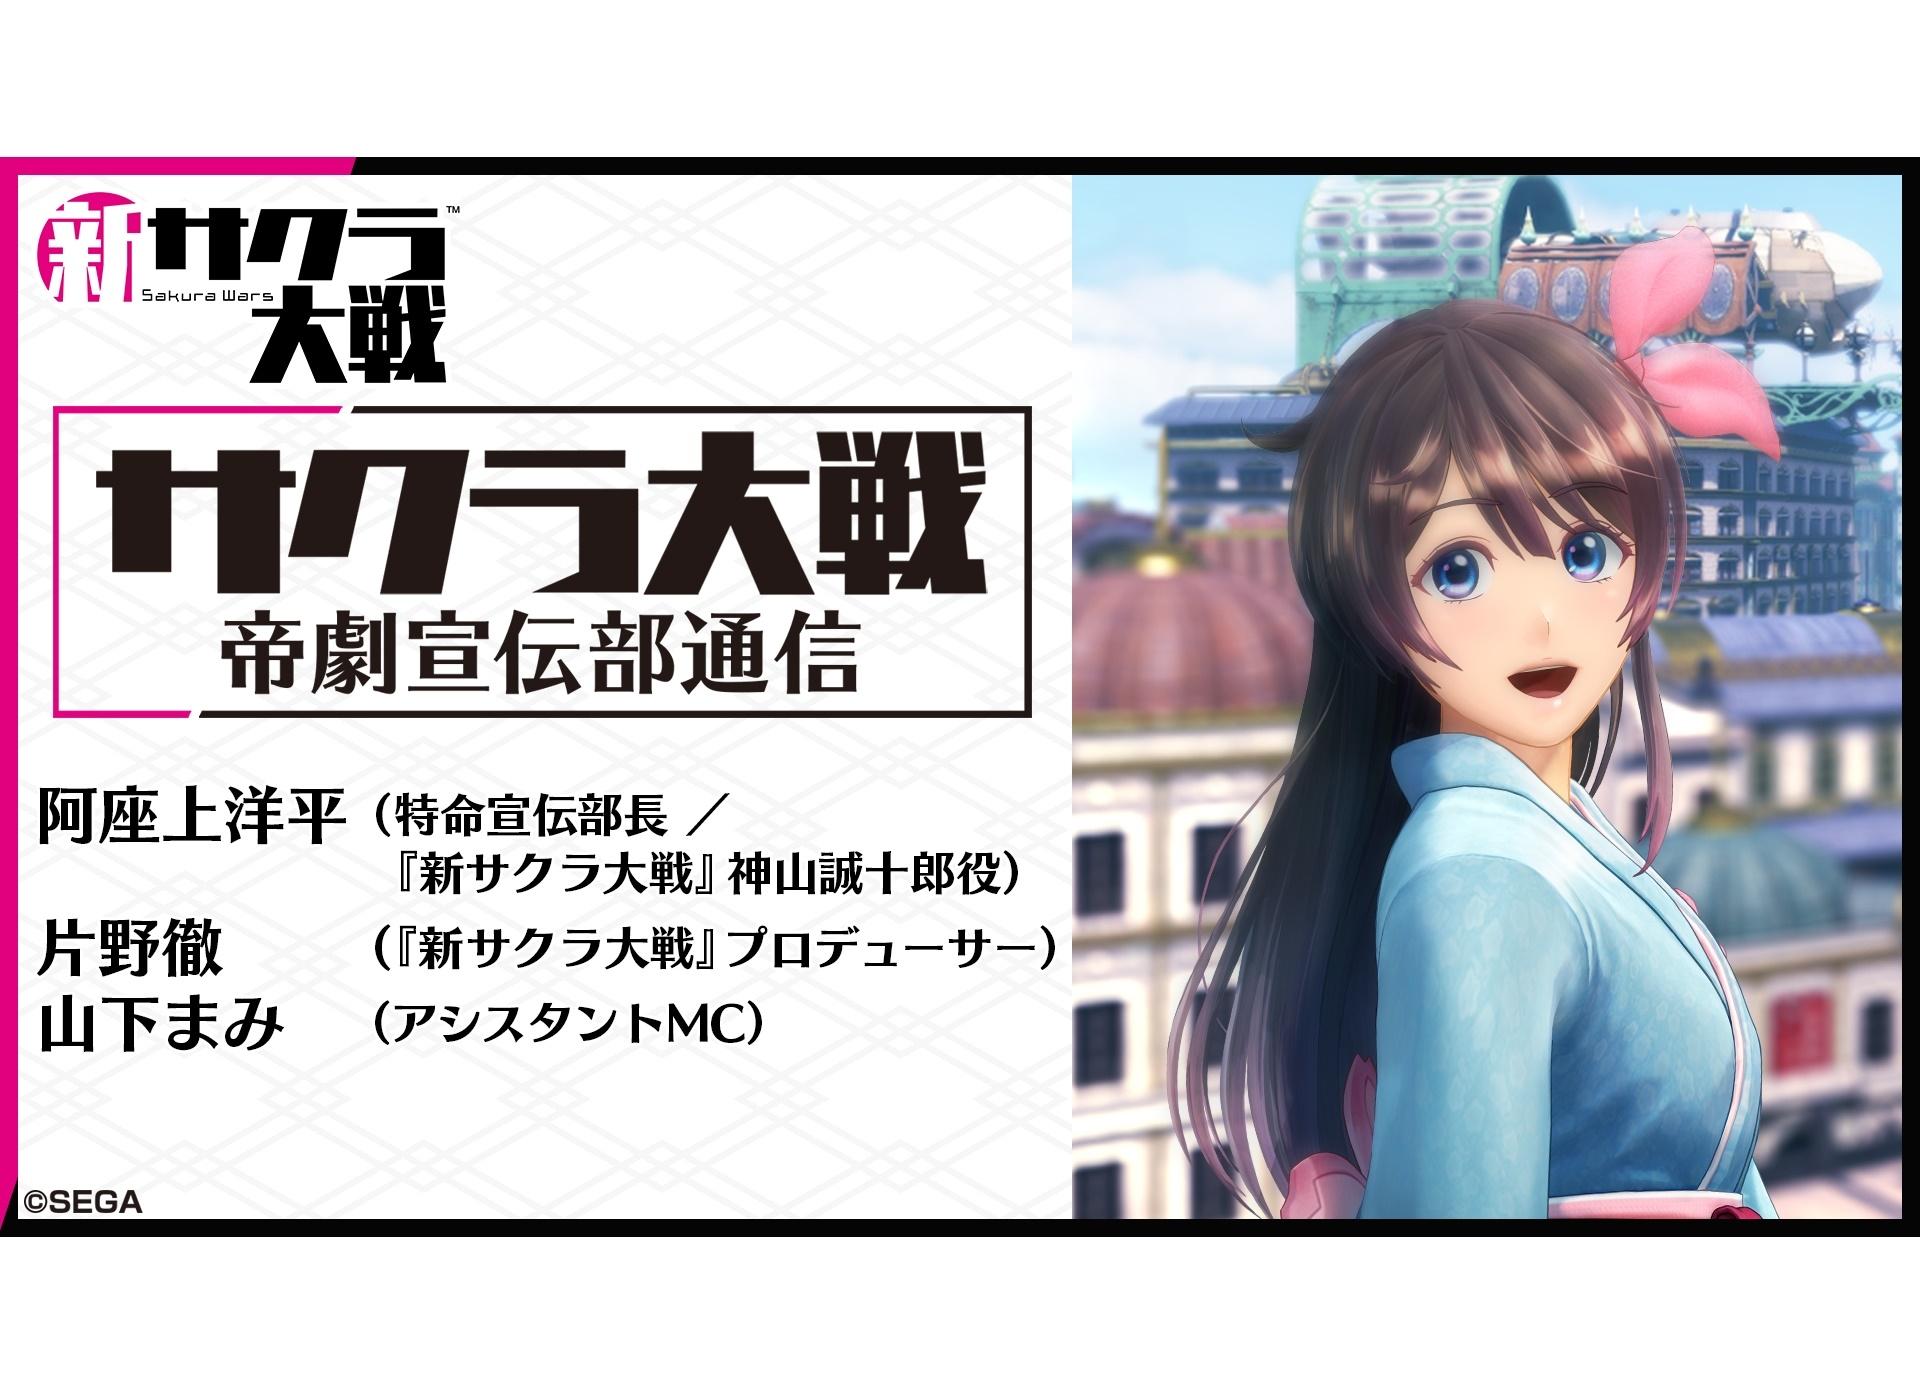 「サクラ大戦 帝劇宣伝部通信」第13回 3/30 配信決定